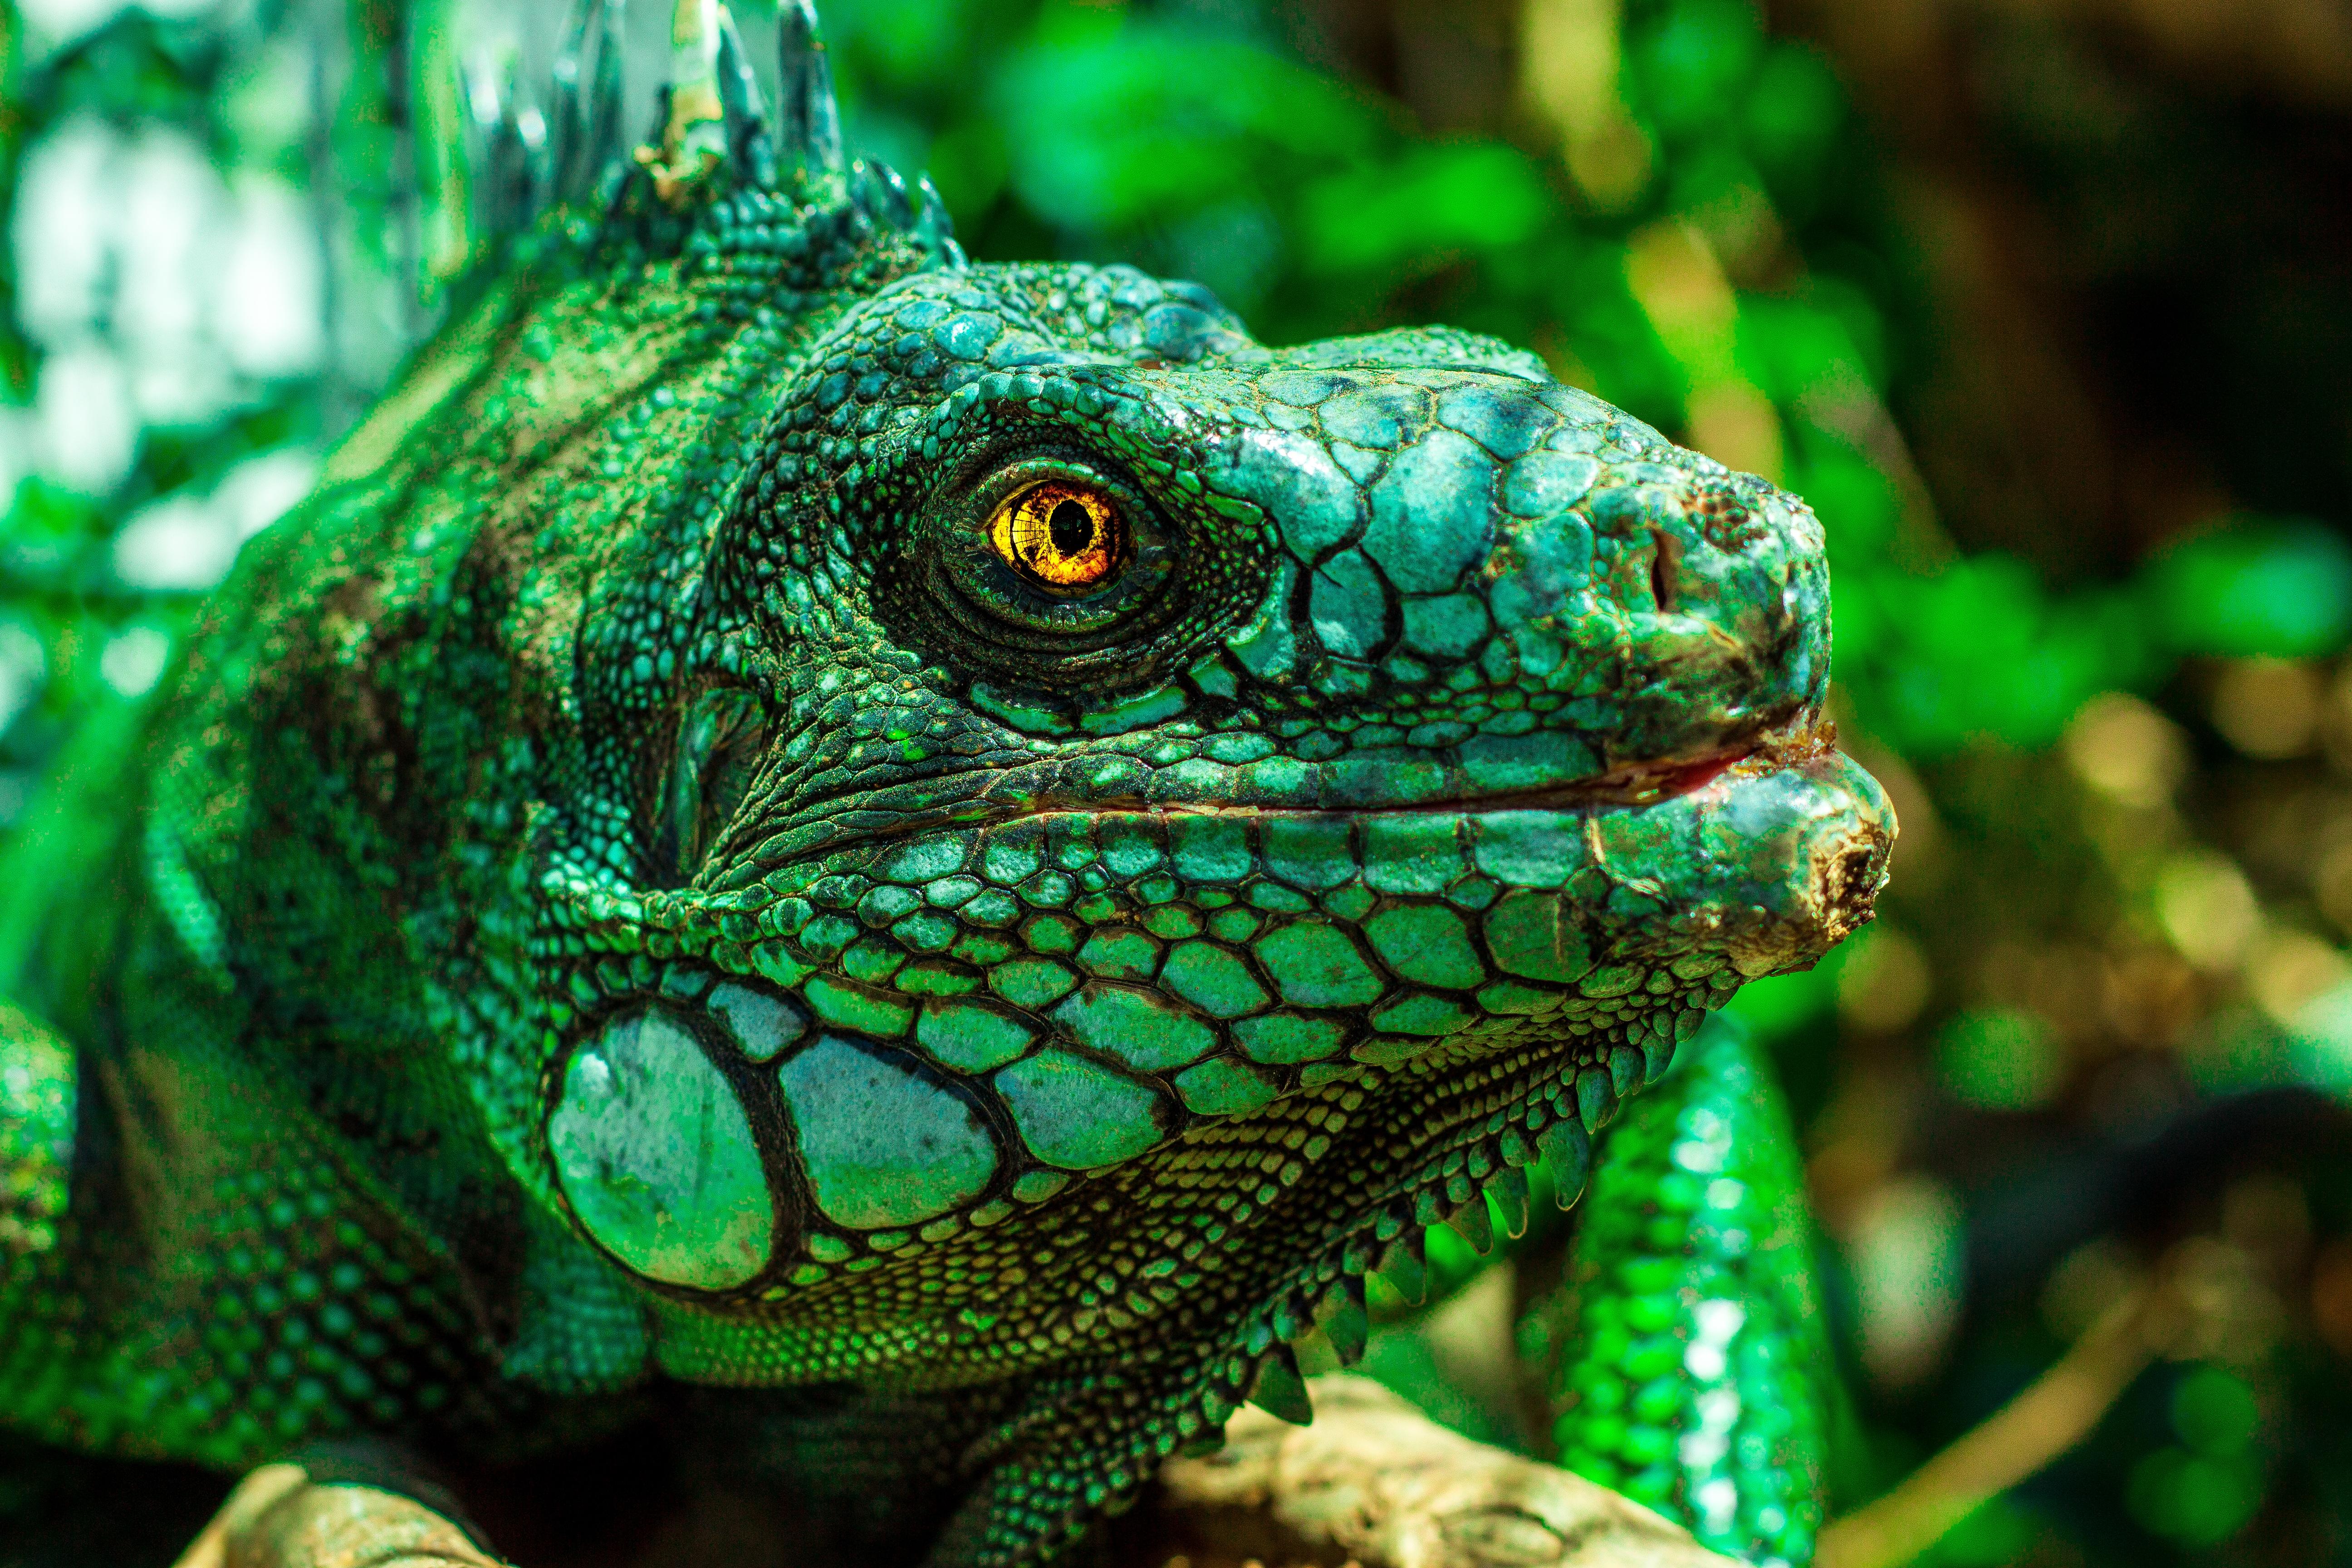 iguana eye painting - photo #20